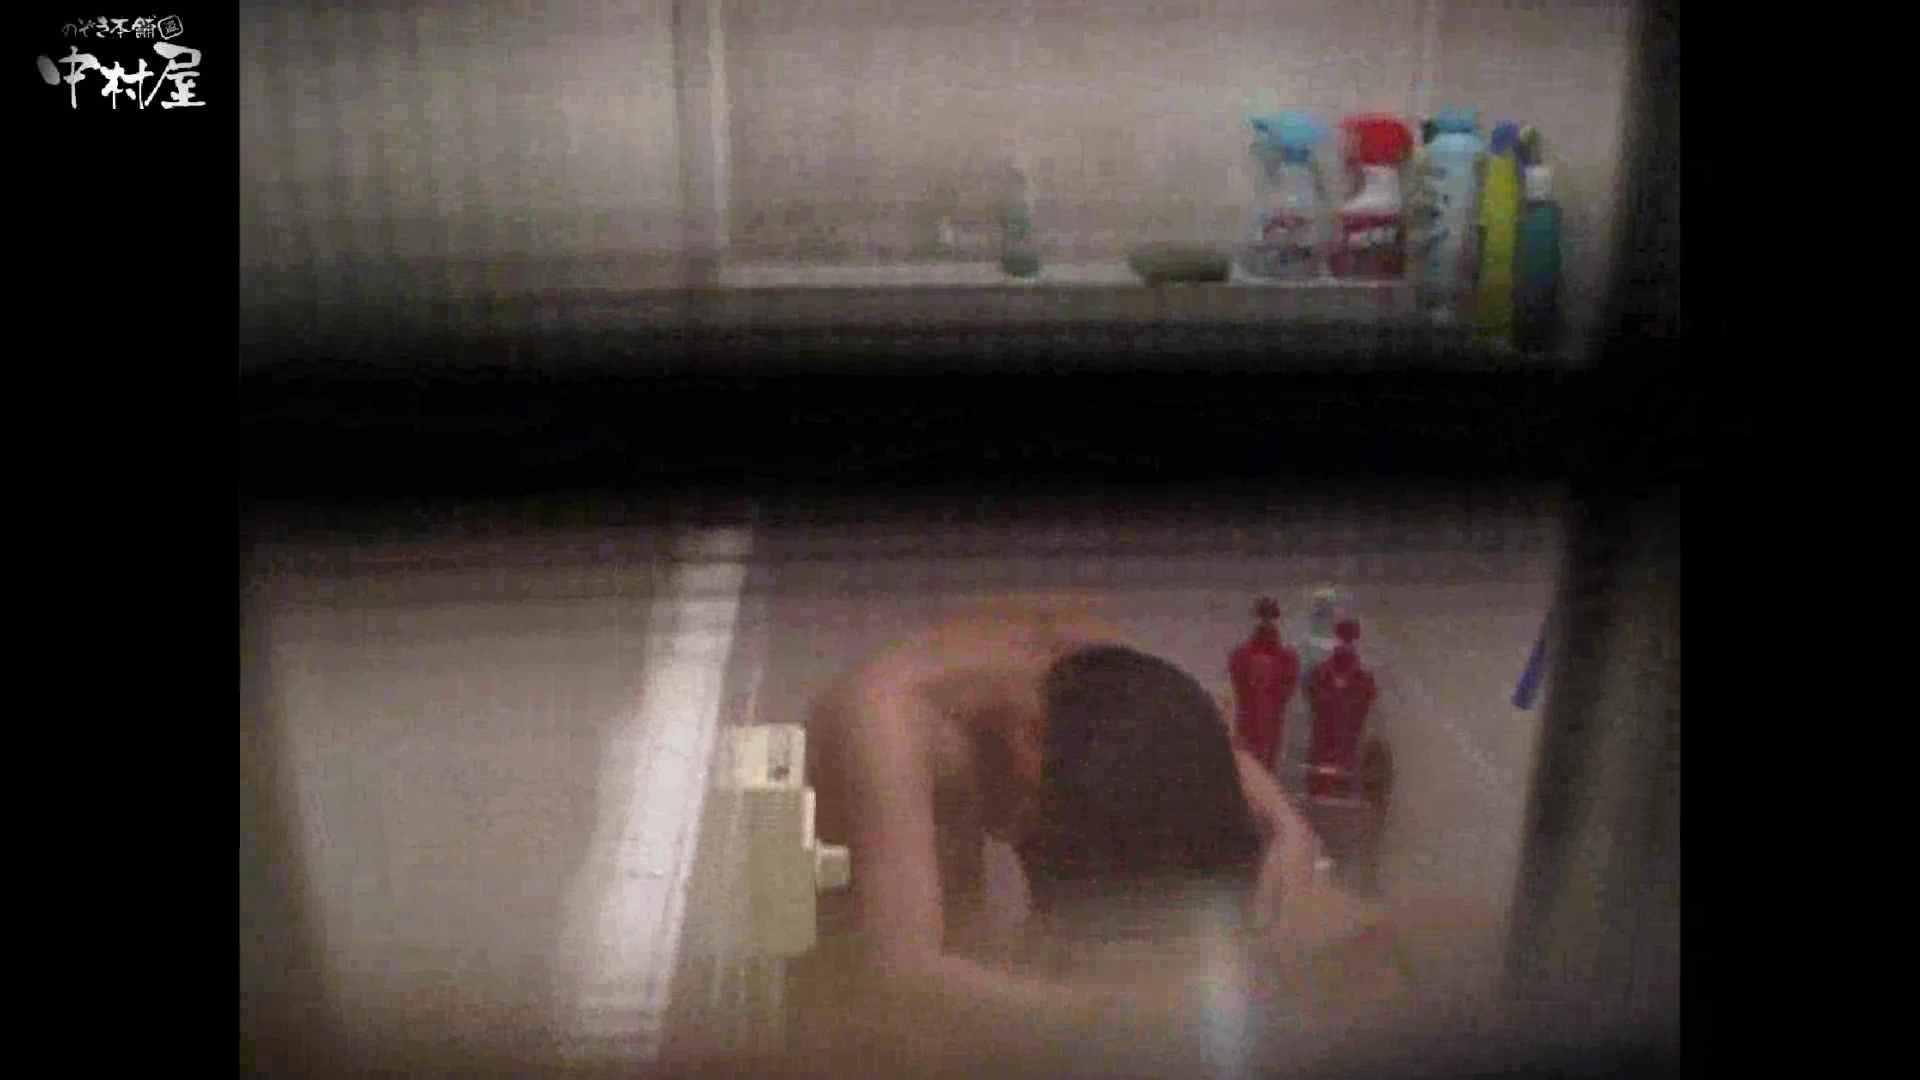 民家風呂専門盗撮師の超危険映像 vol.017 美女まとめ オマンコ無修正動画無料 110PIX 62